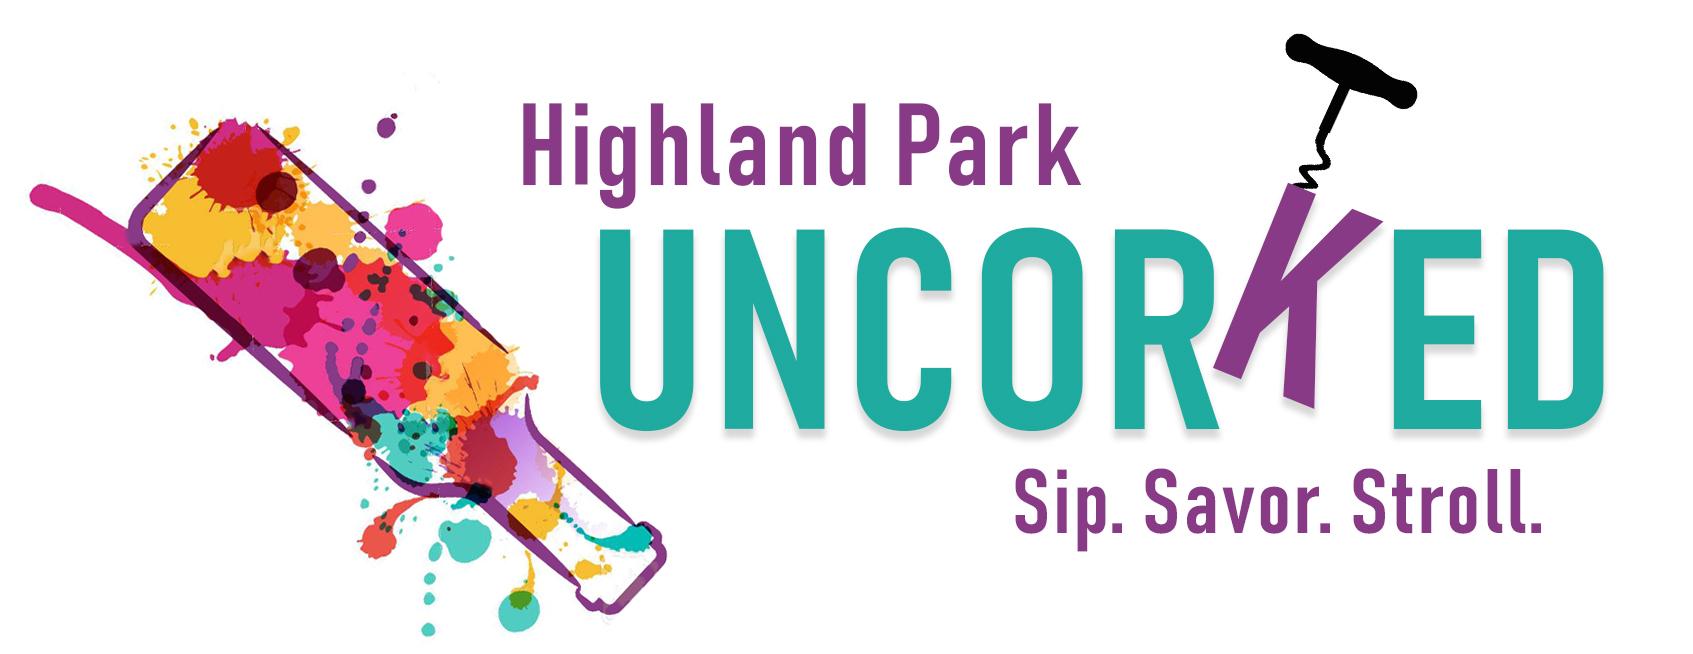 highland-park-uncorked-logo